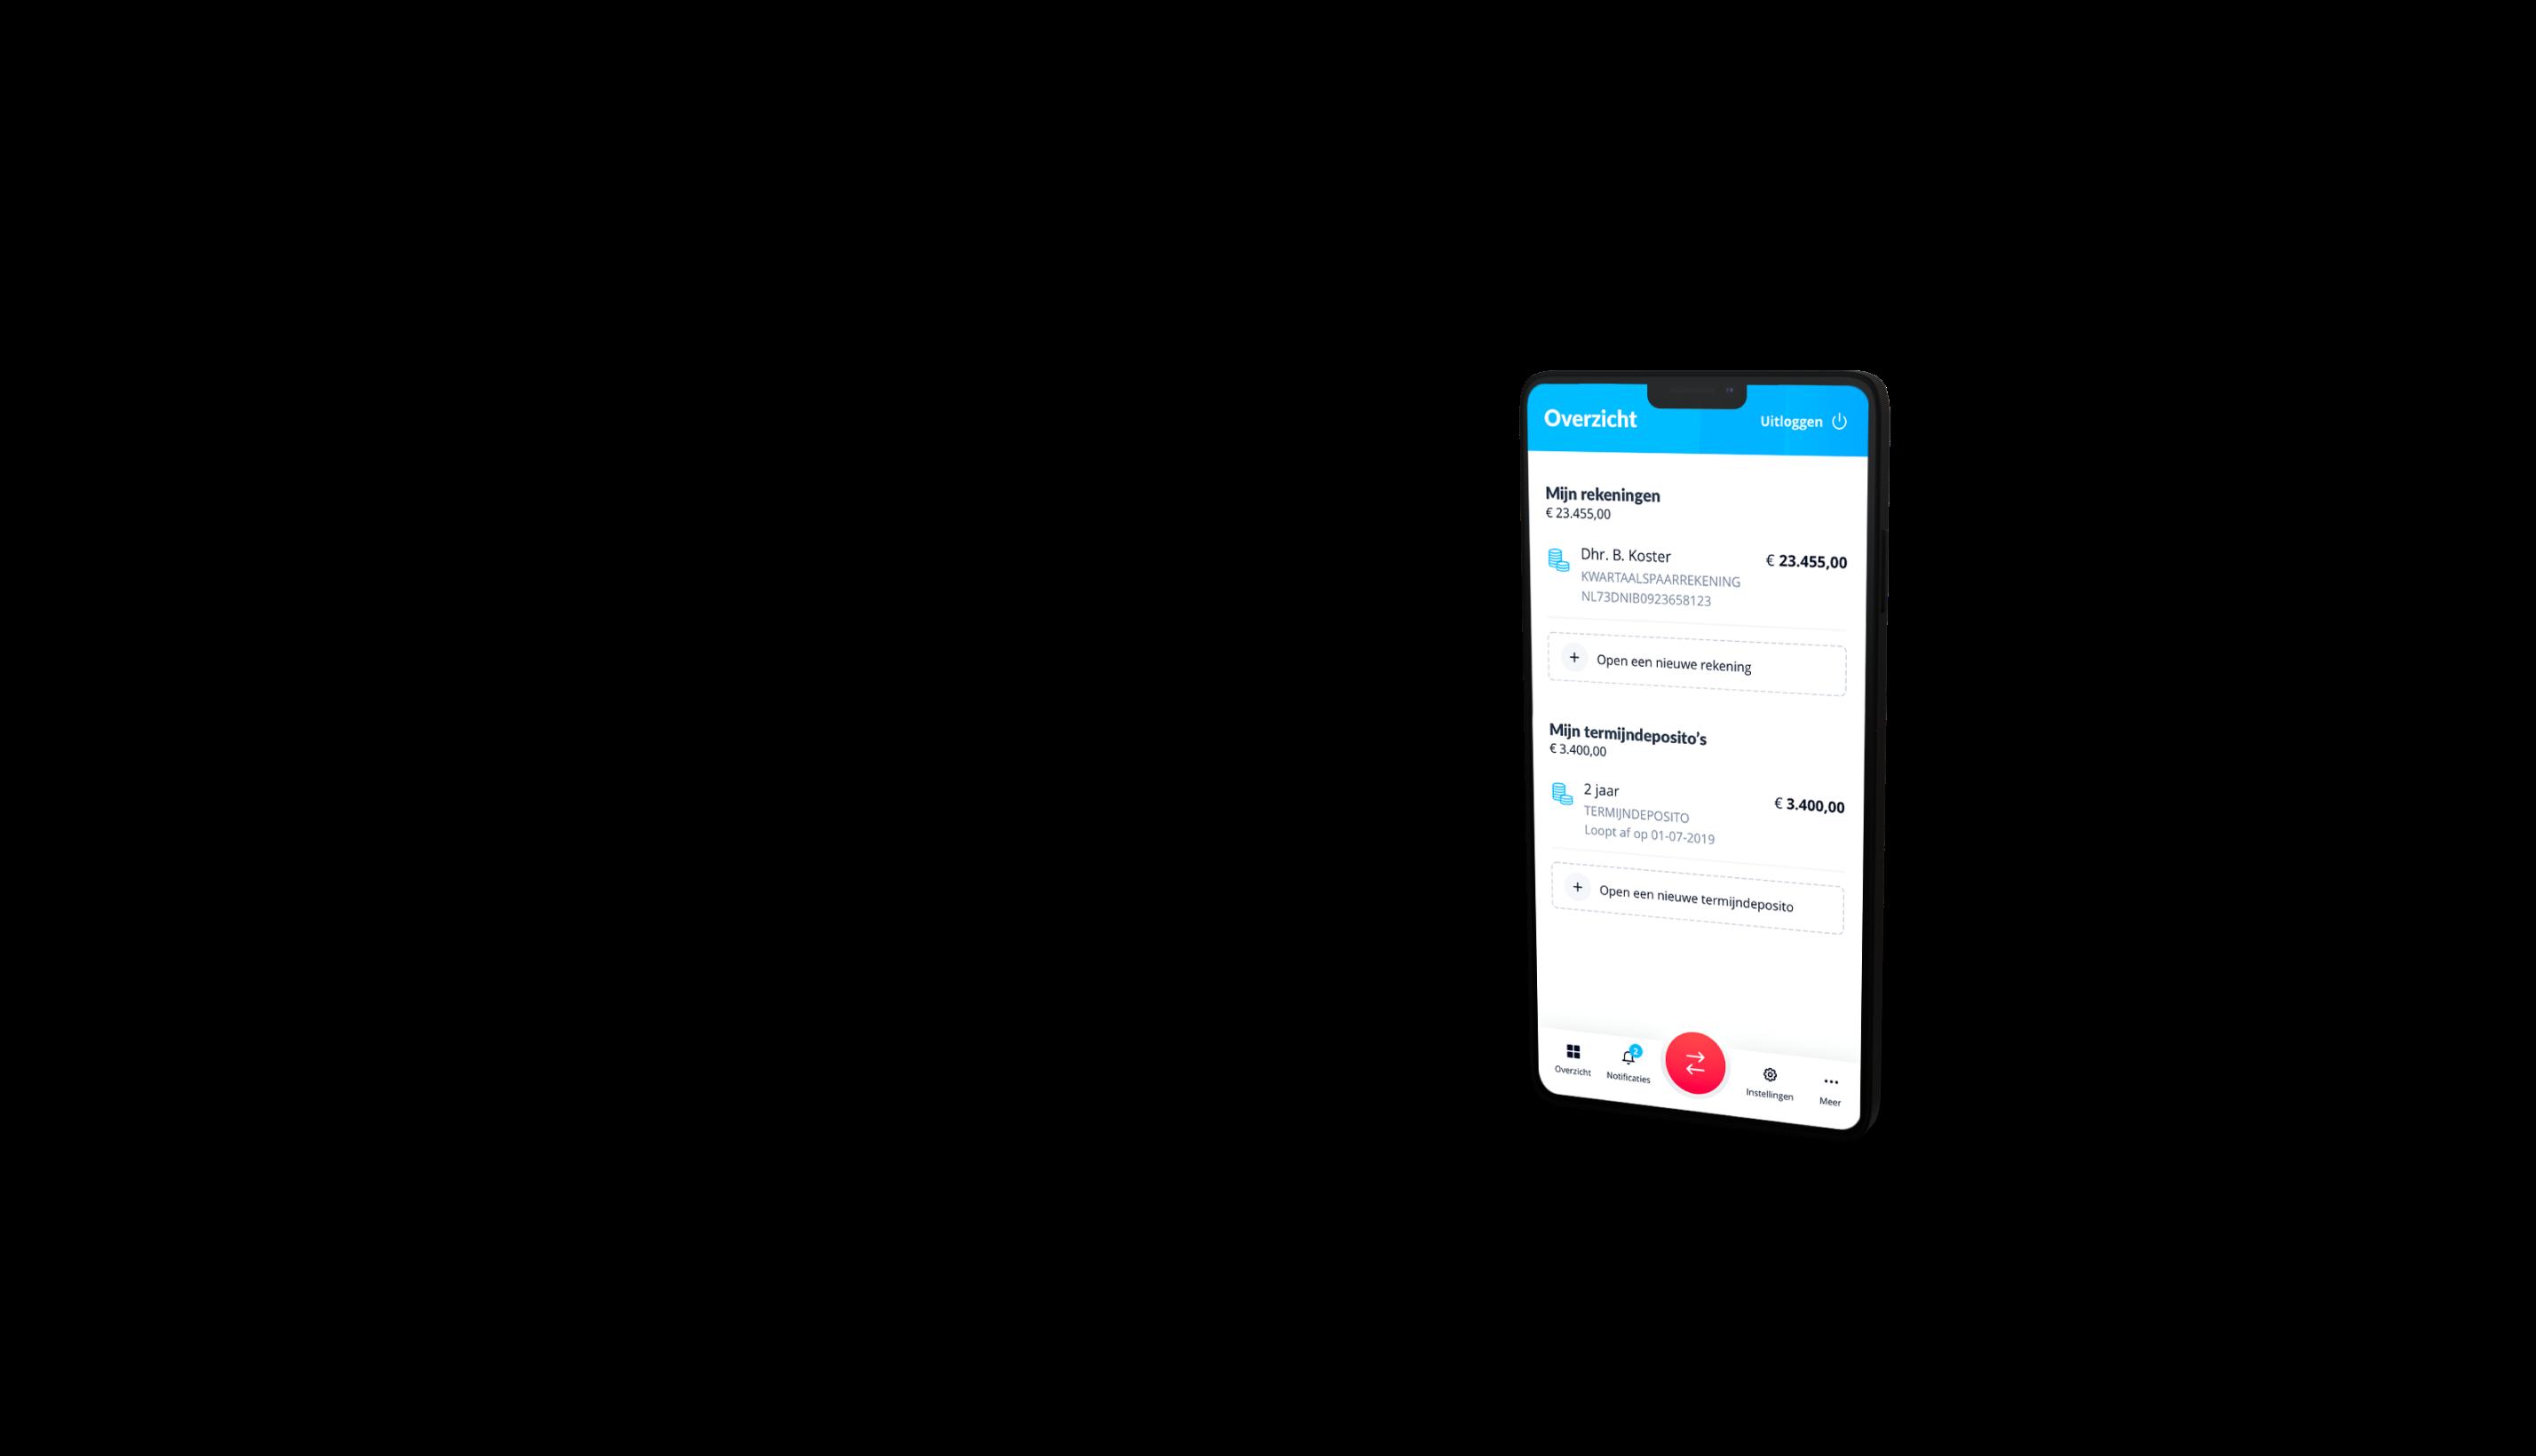 Nibc savings app